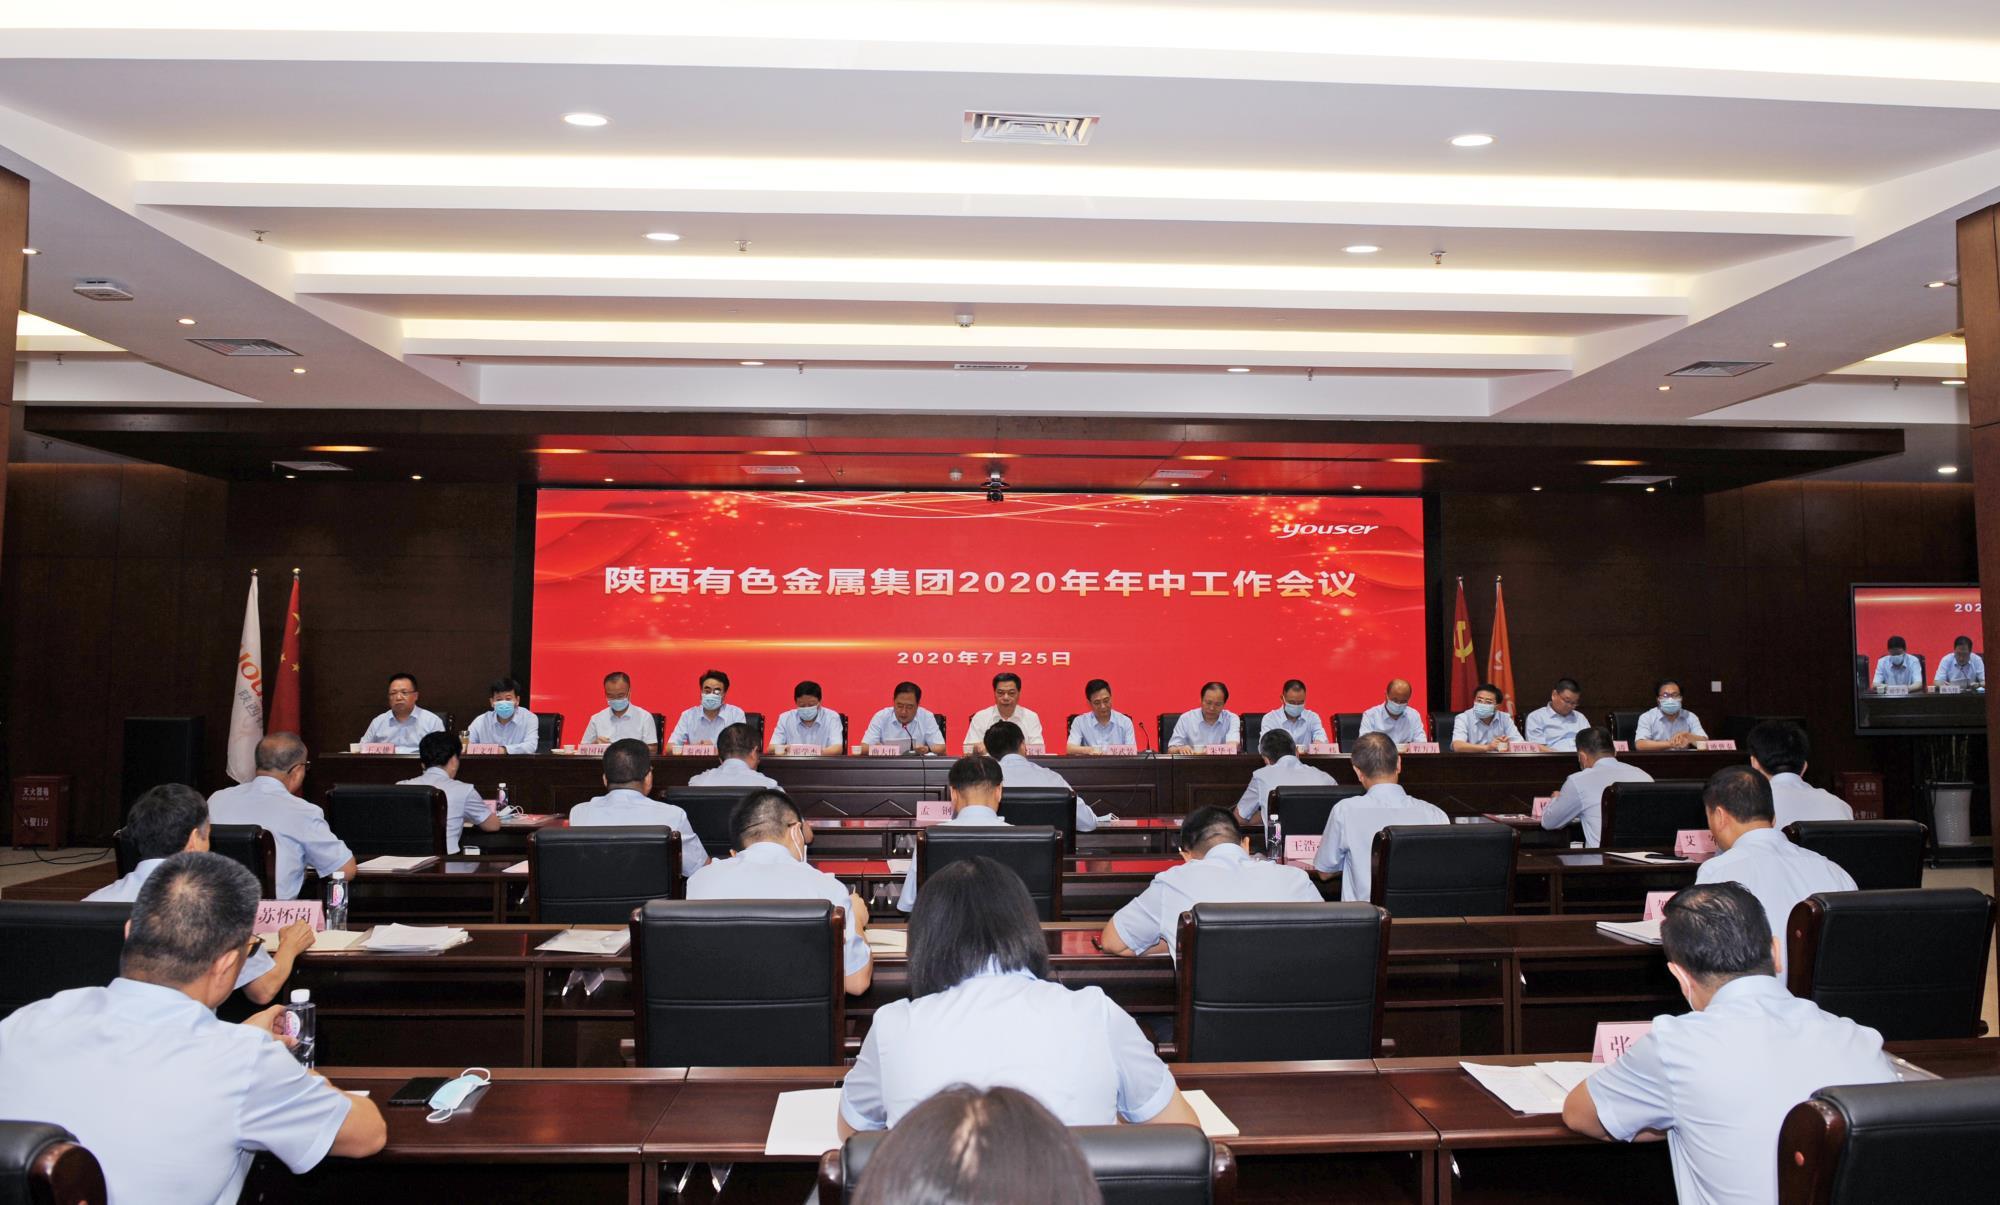 【有色新闻】陕西有色金属集团召开2020年年中工作会议